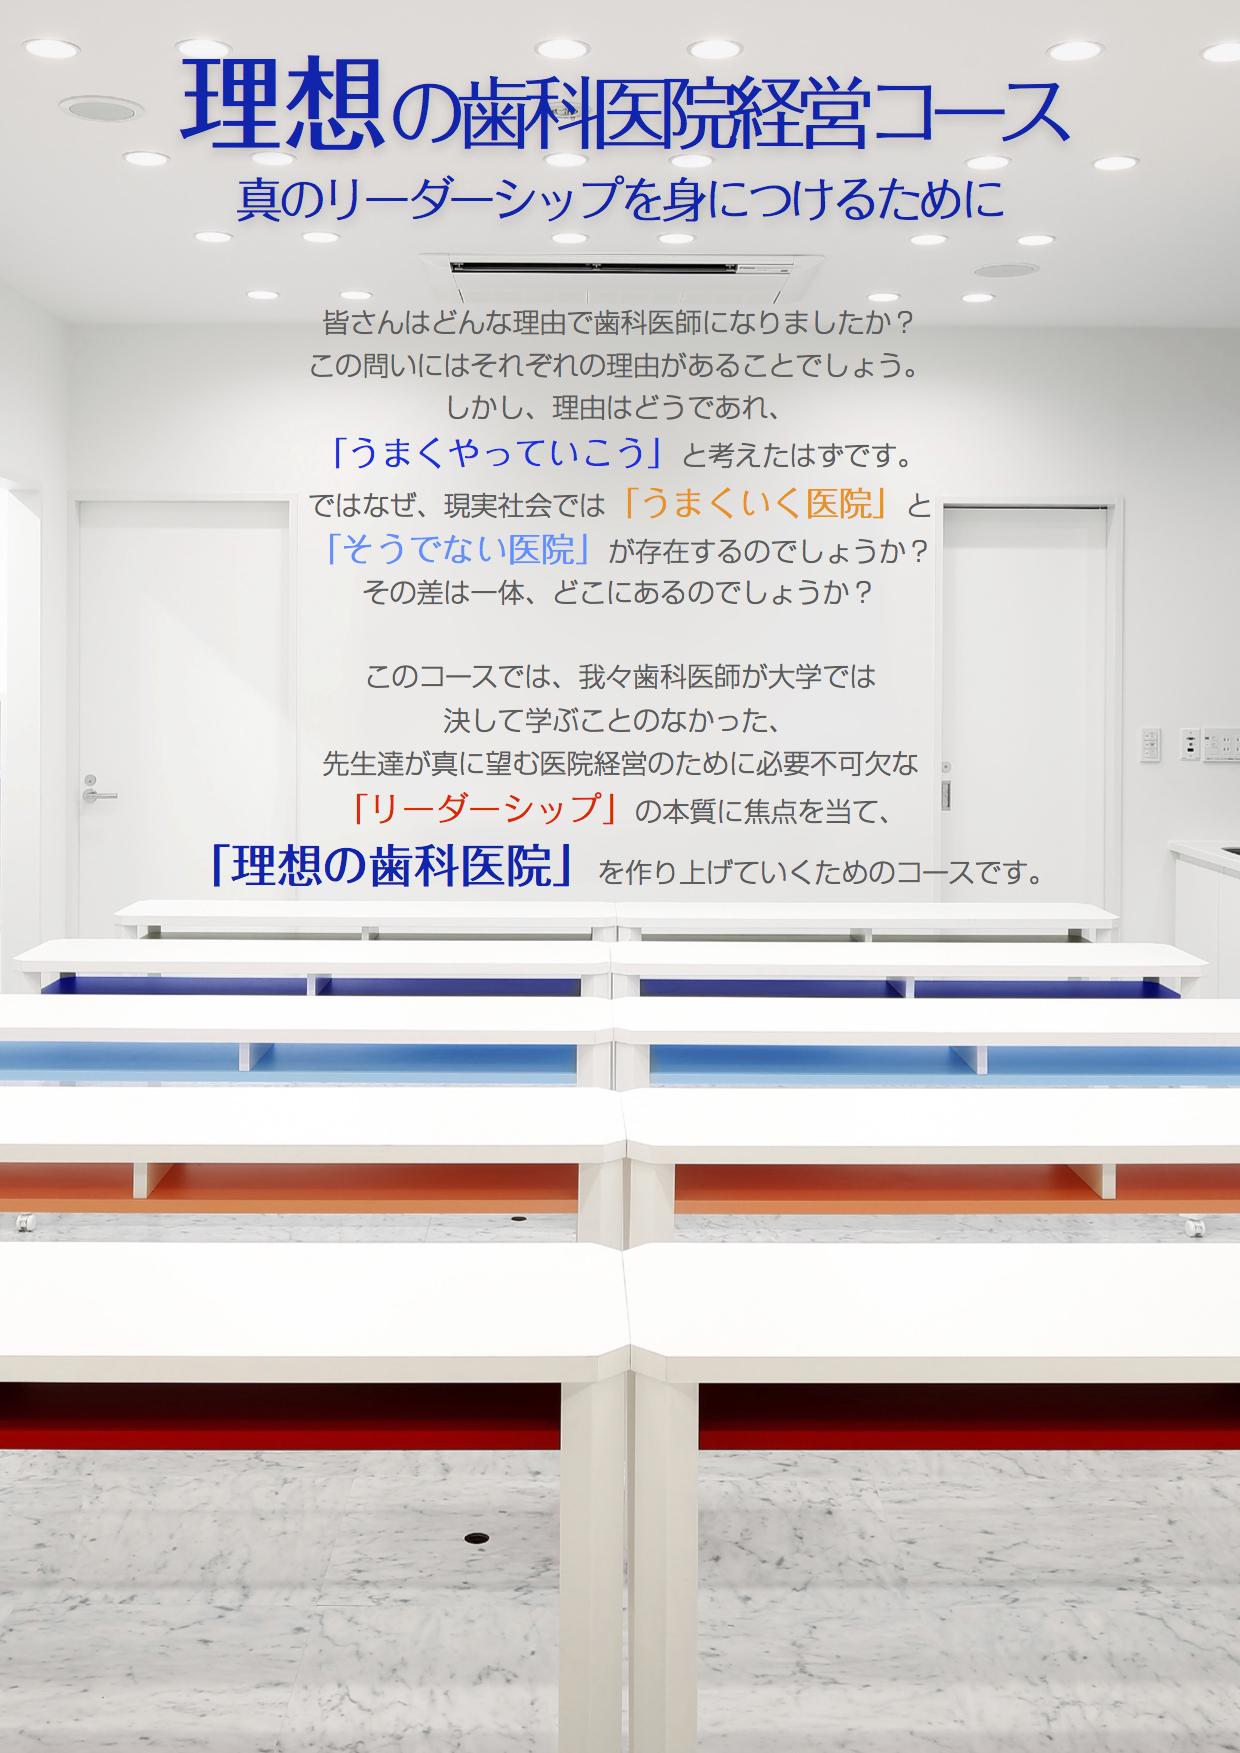 理想の歯科医院経営コース (1)